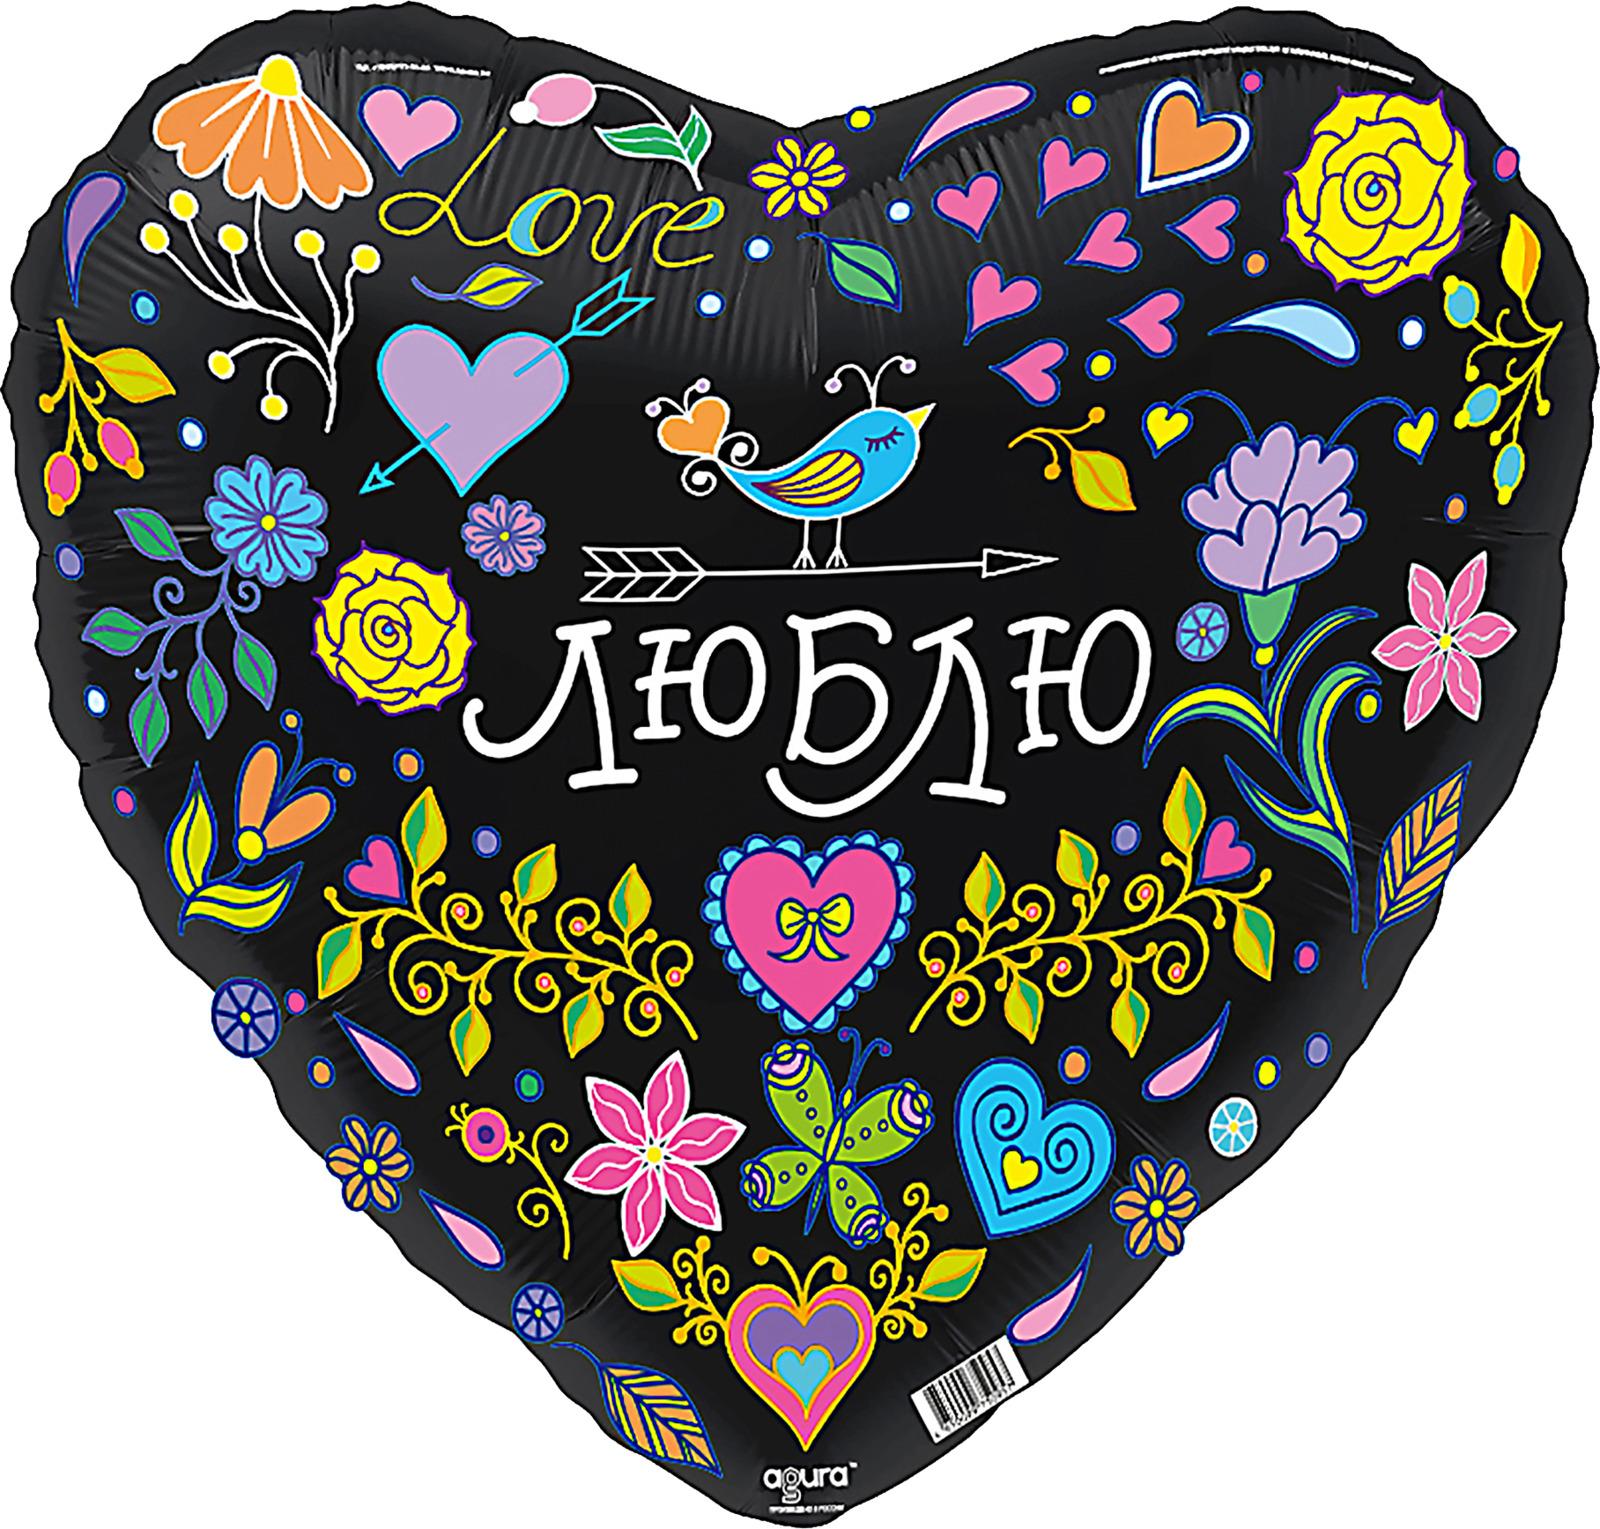 Воздушный шар Agura Miland Признание в любви черное, 466-5-306-68579-3